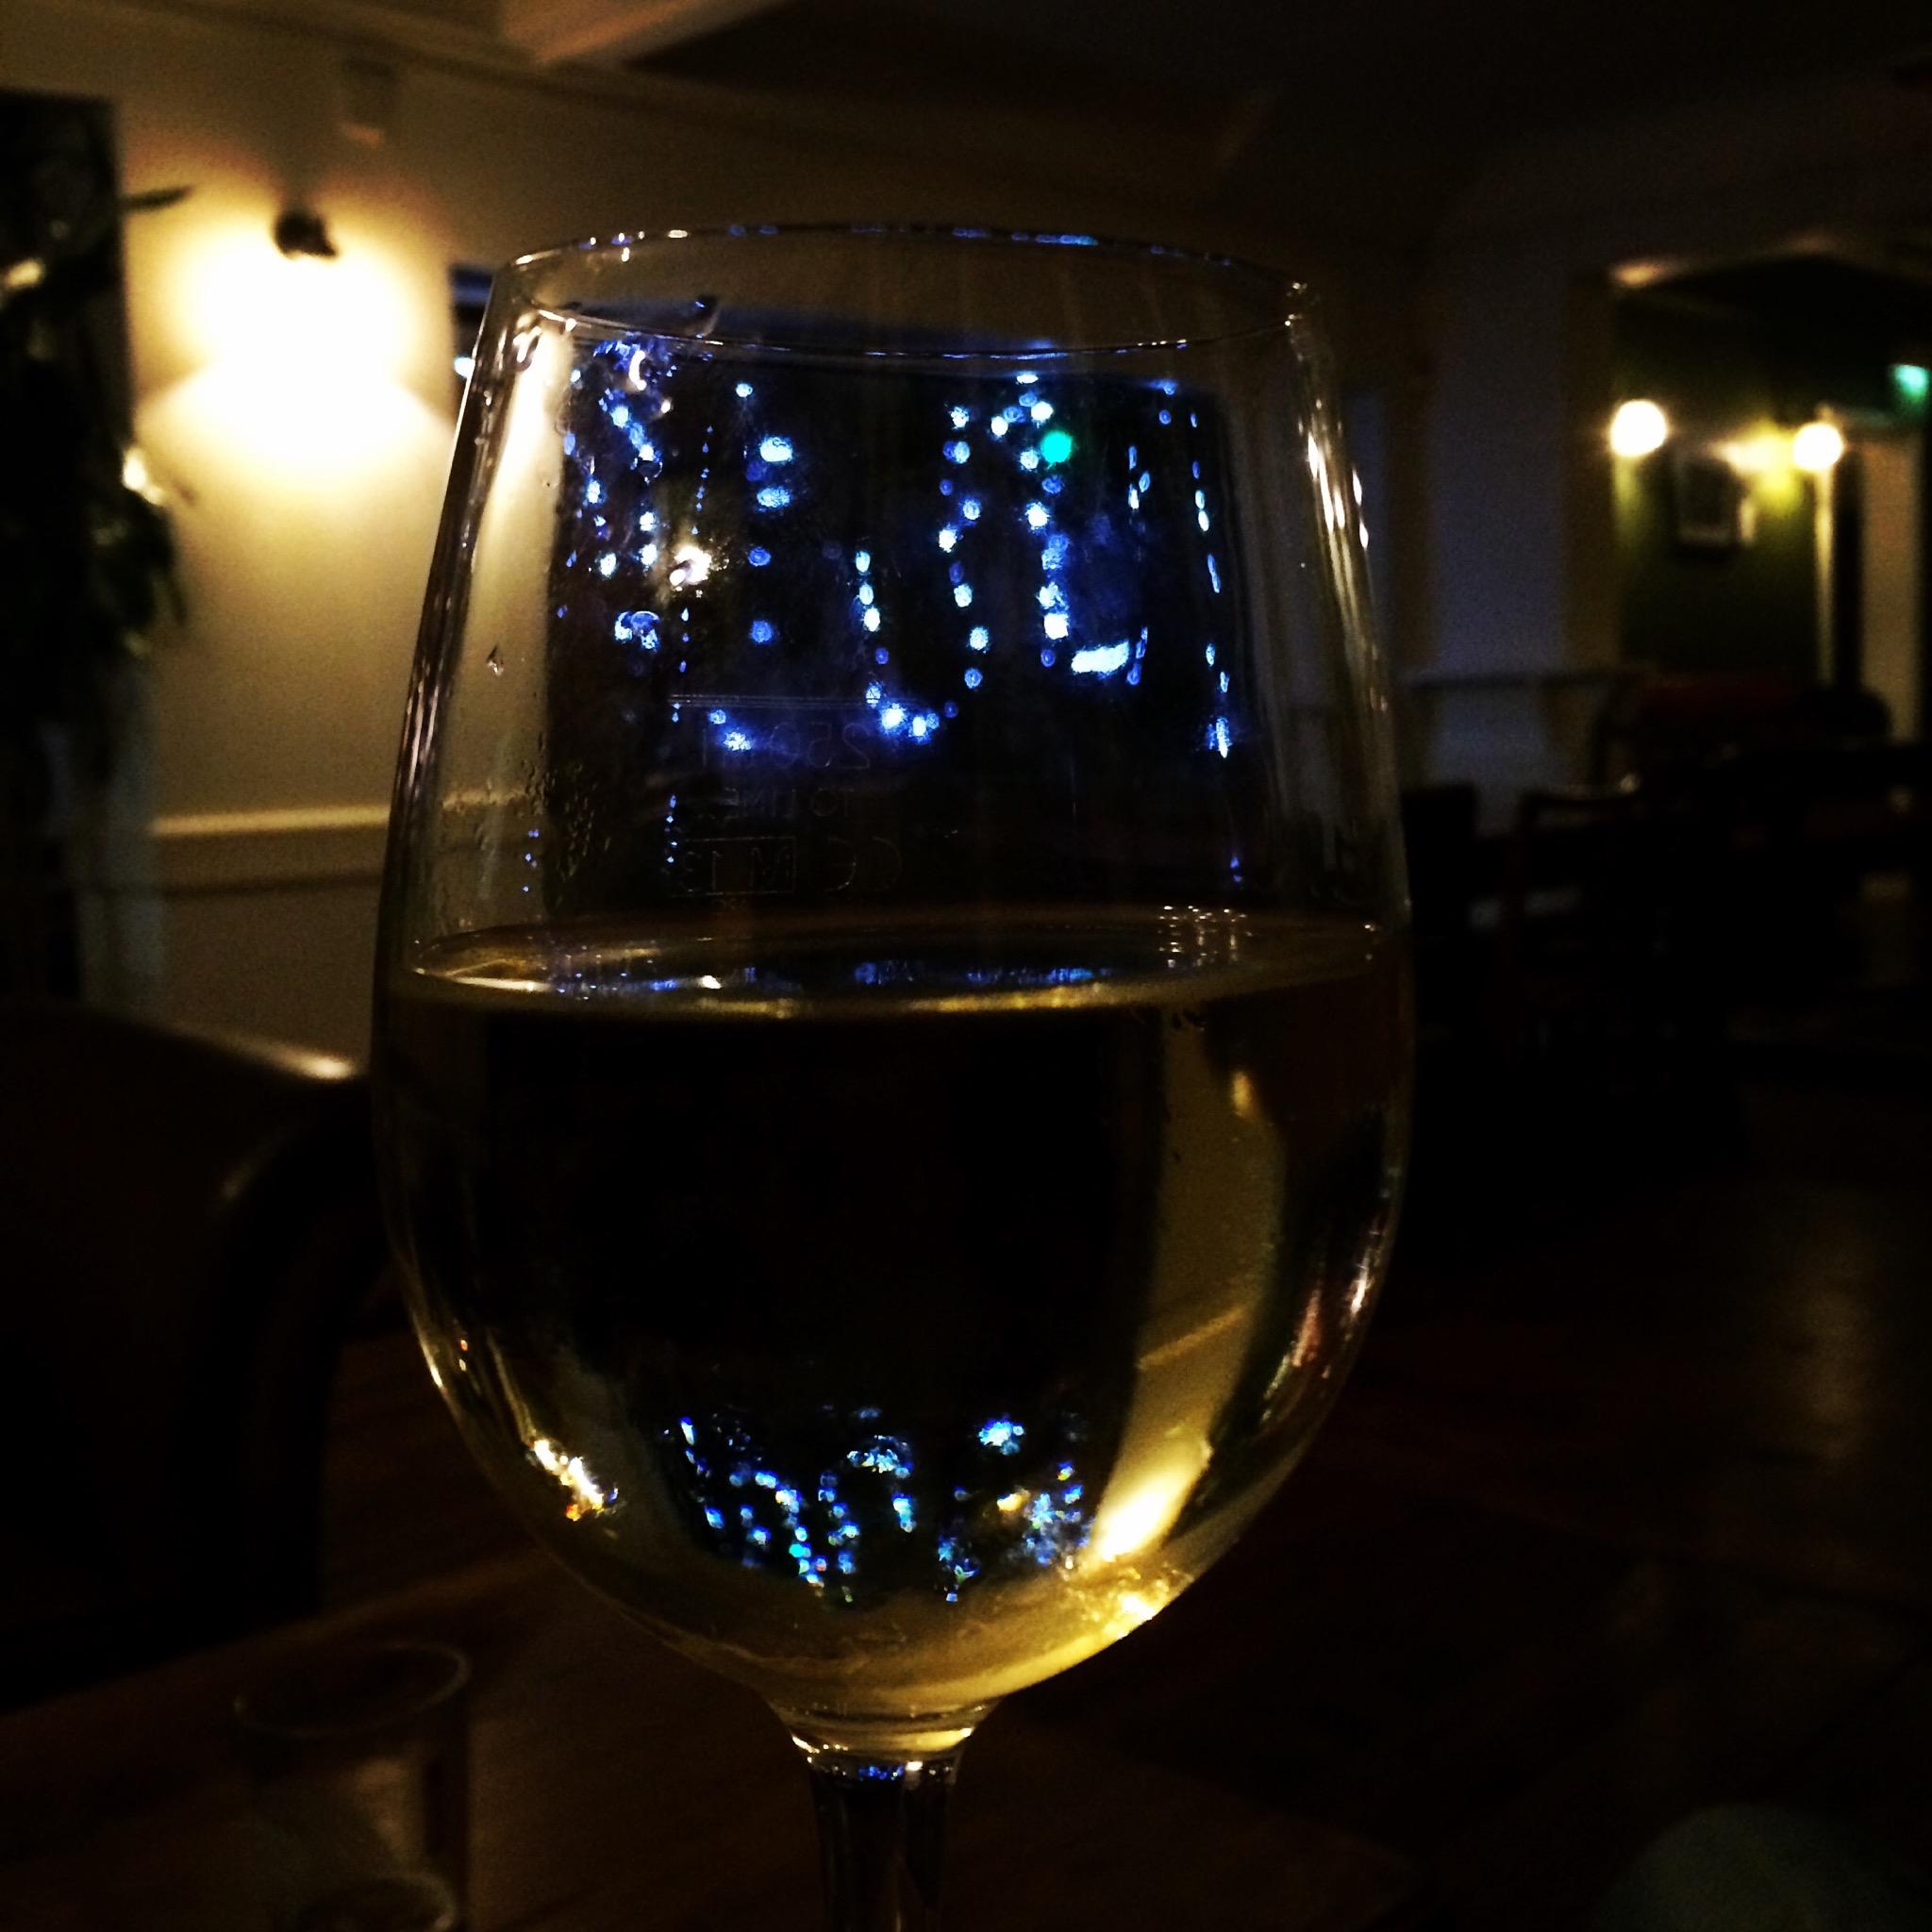 So much wine!